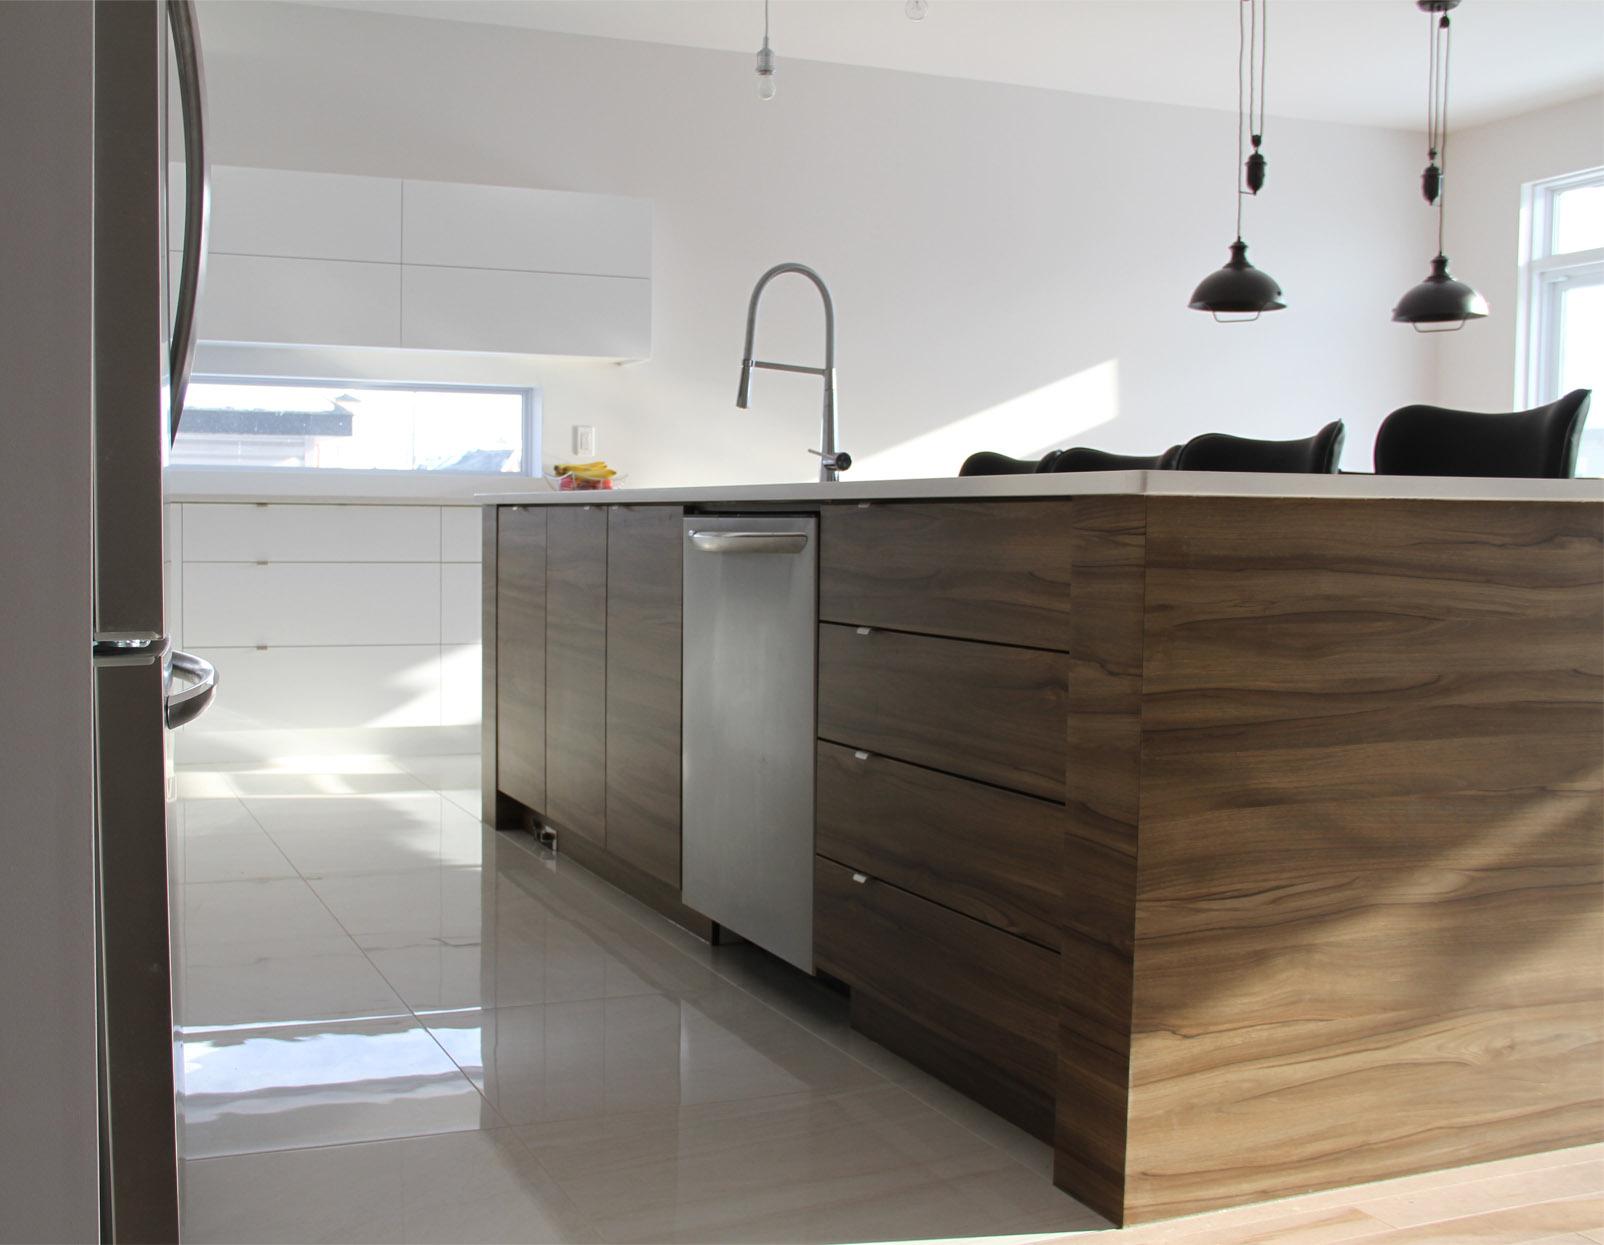 armoires de cuisine petits modernes. Black Bedroom Furniture Sets. Home Design Ideas